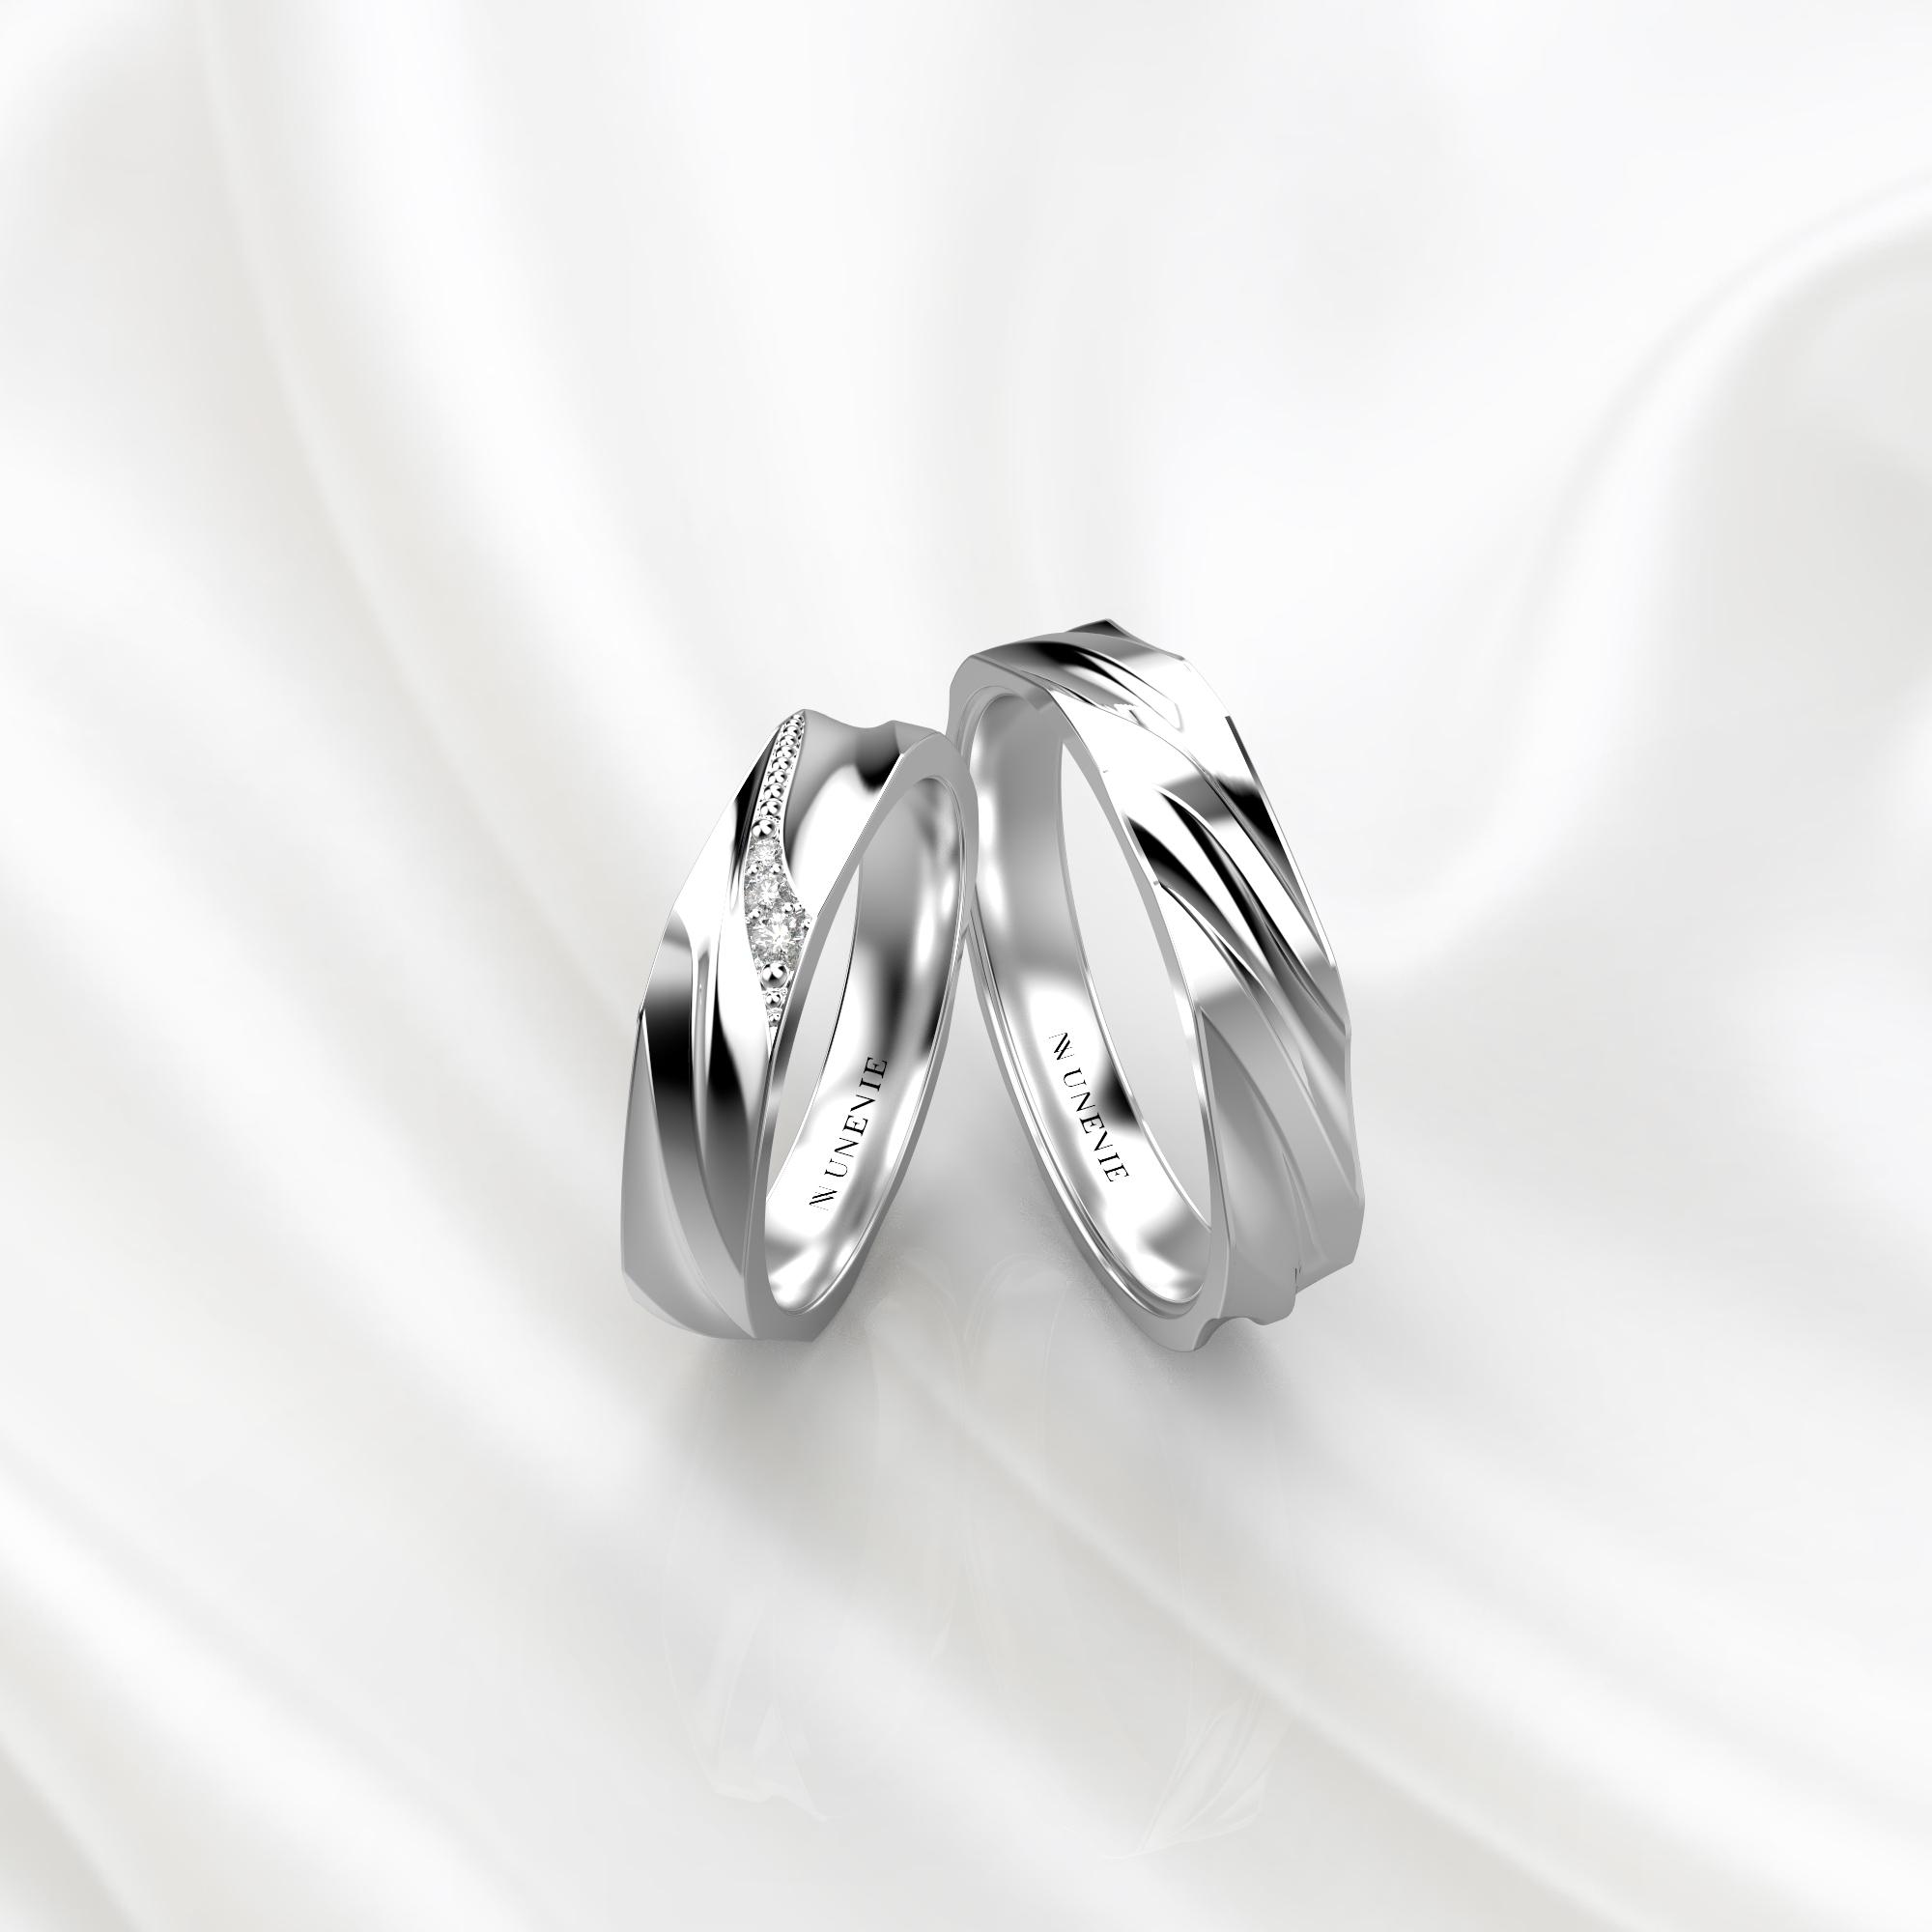 NV79 Парные обручальные кольца из белого золота с бриллиантами